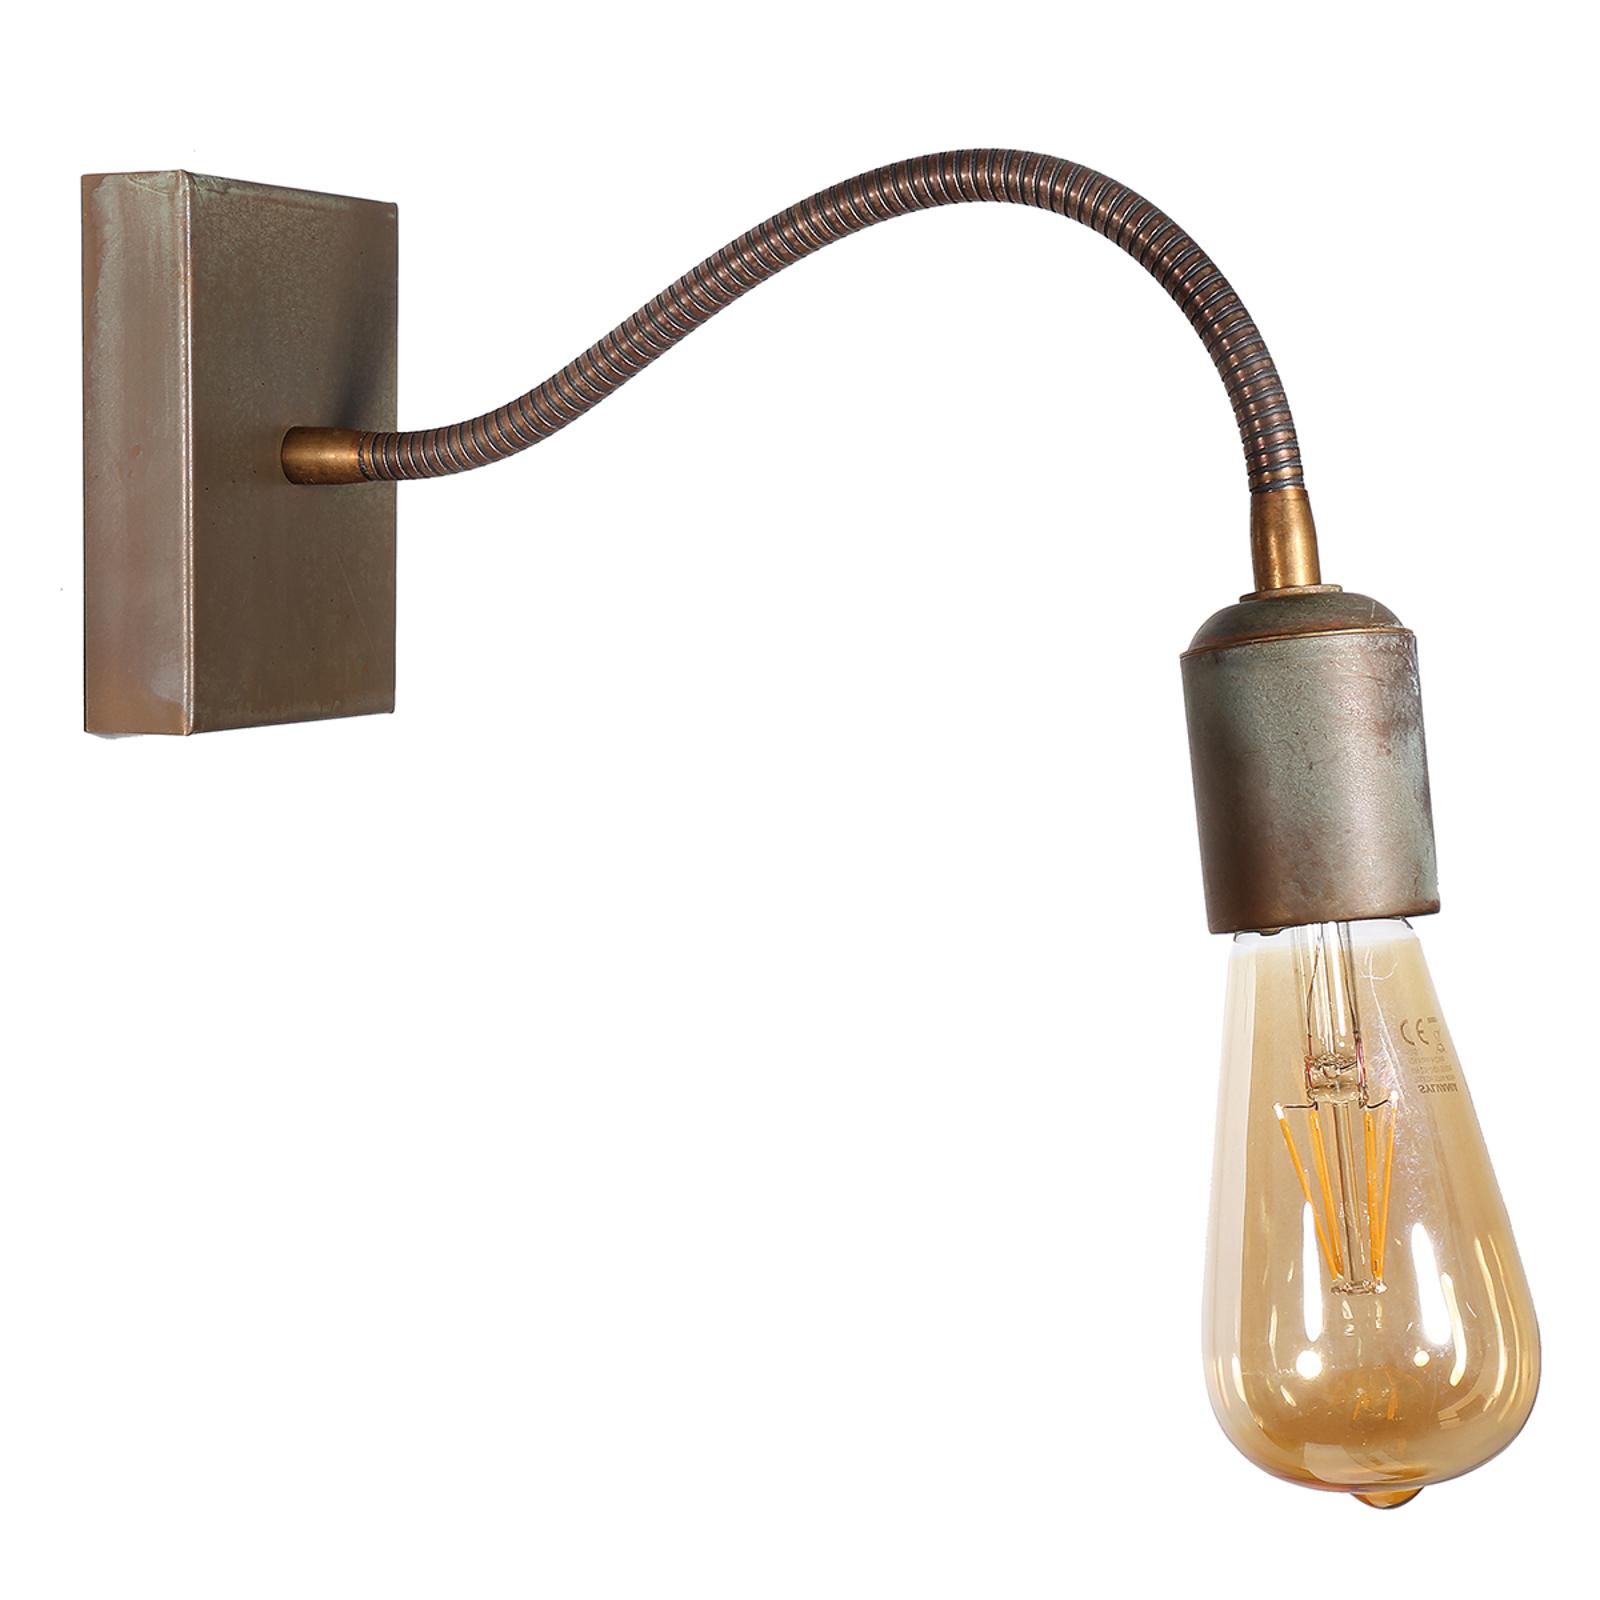 Med fleksibel arm - væglampe Orio af messing